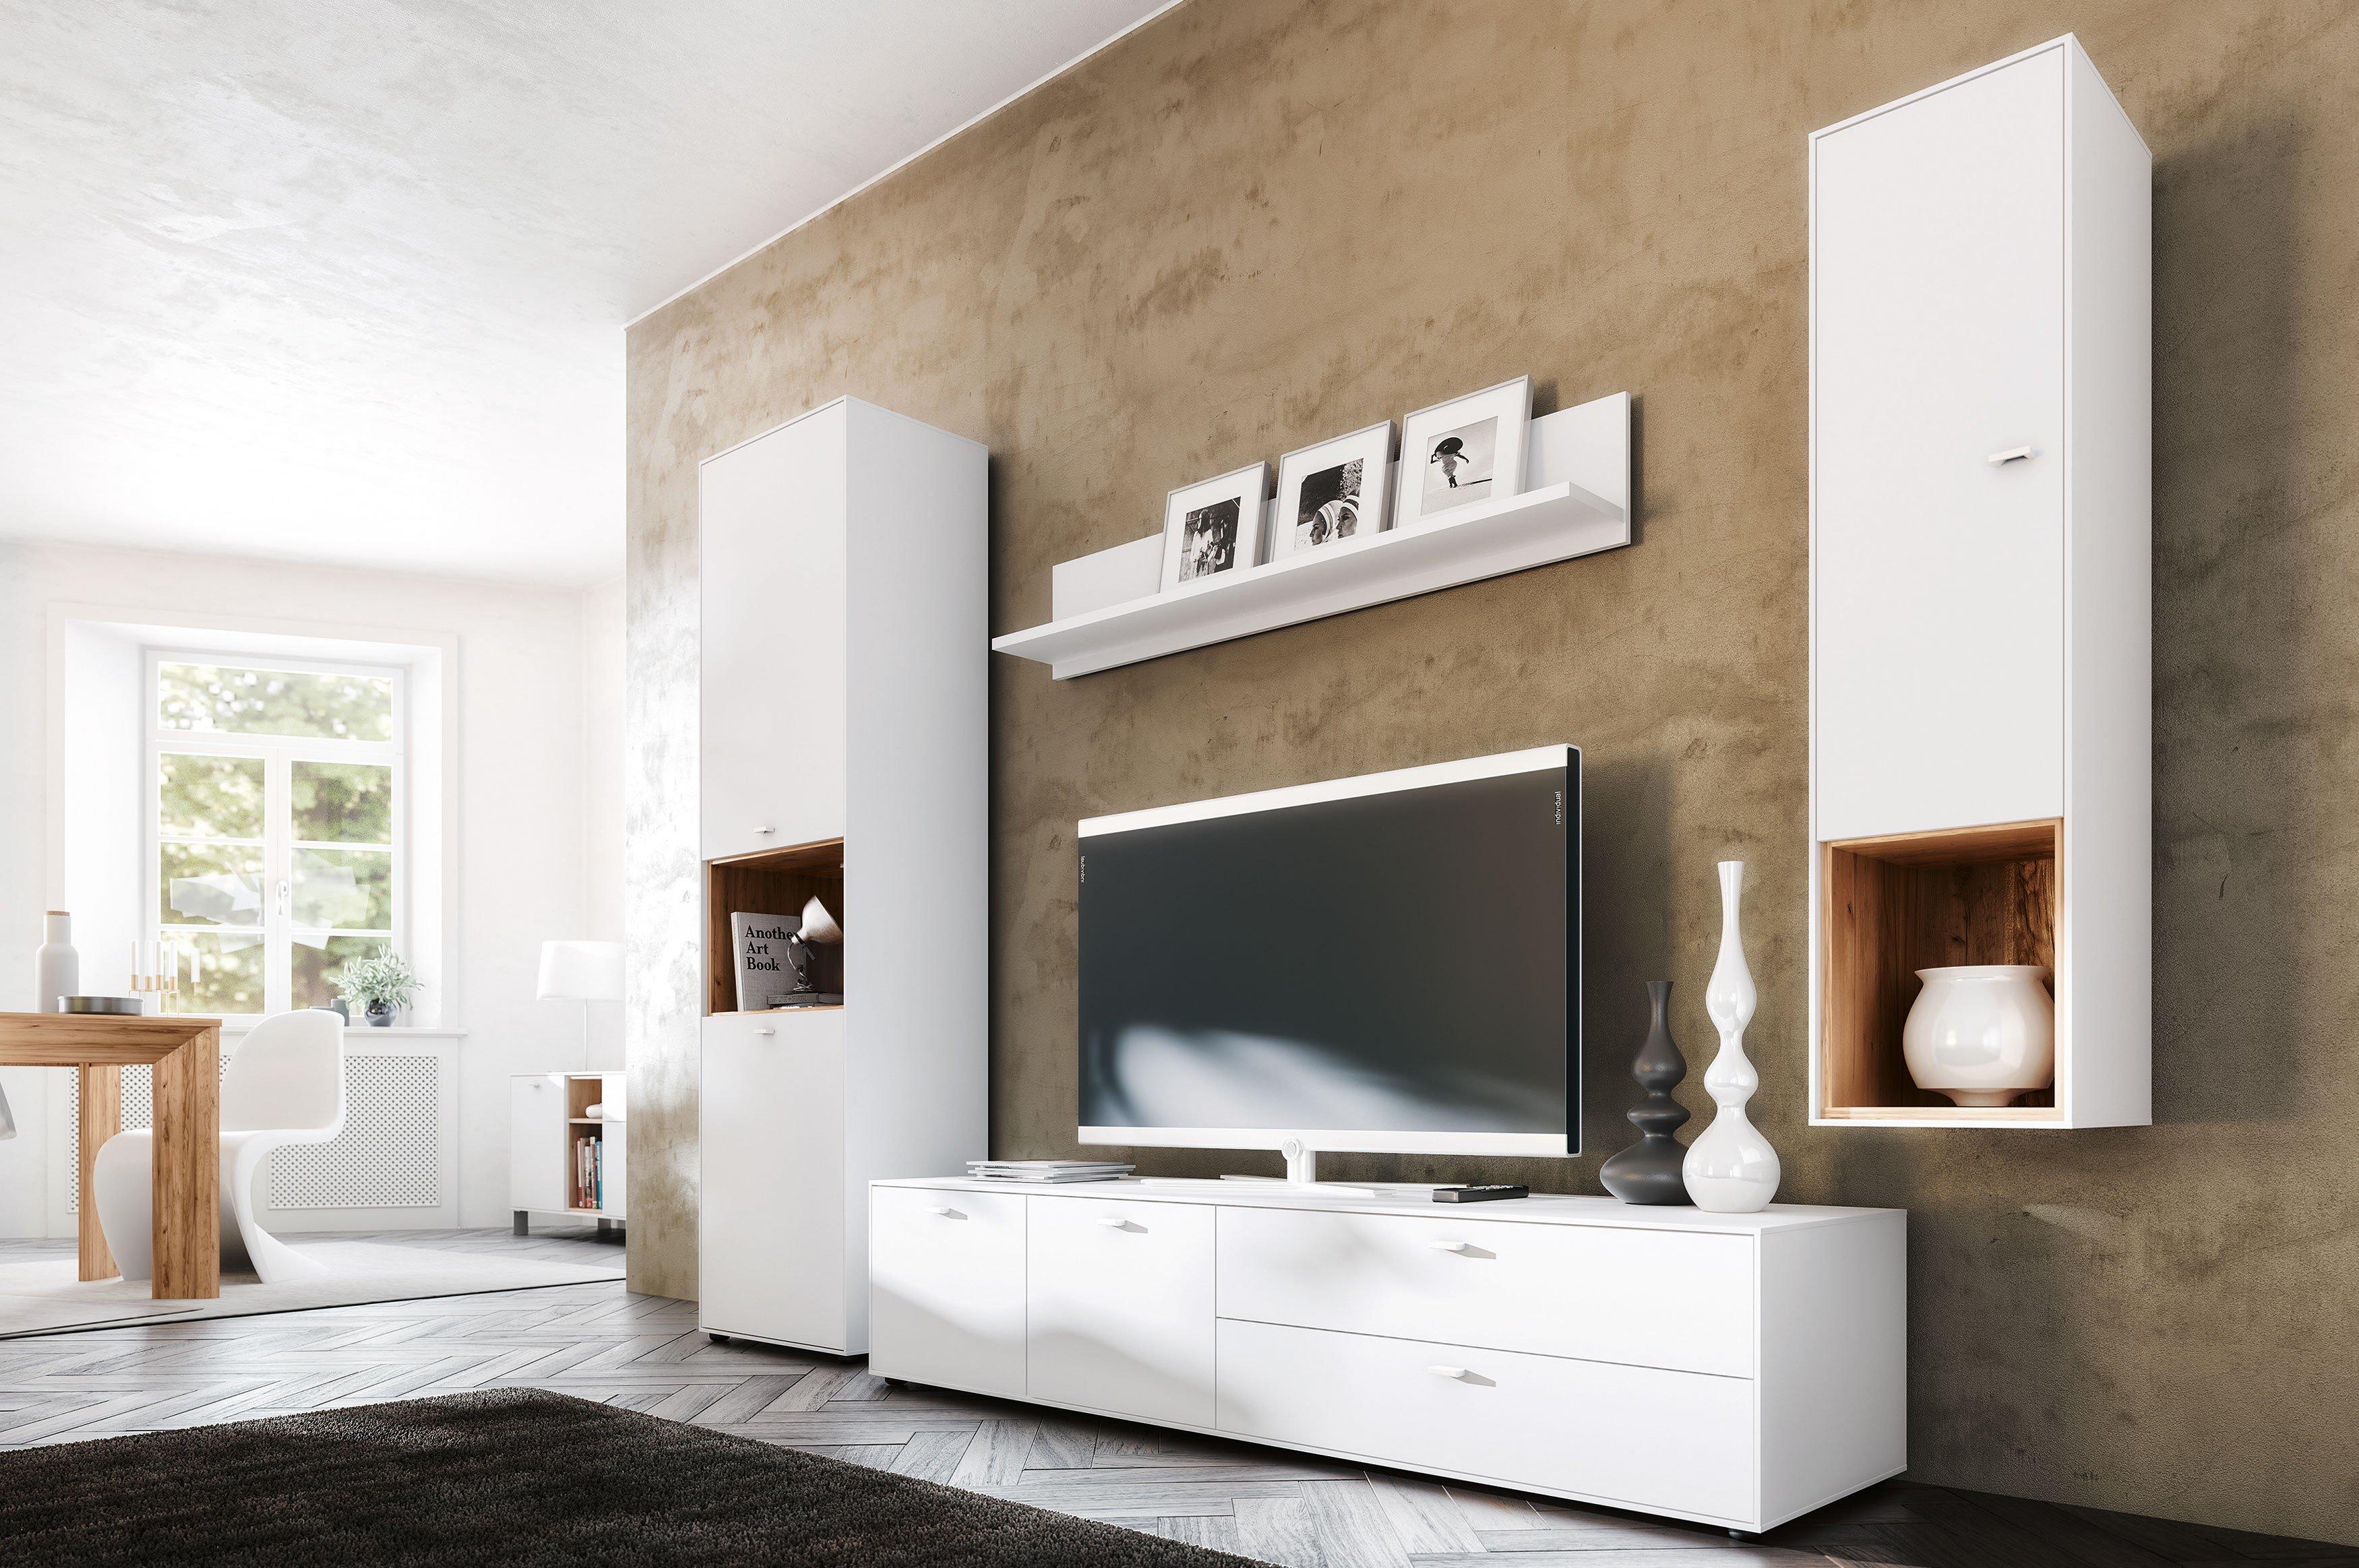 87 wohnzimmereinrichtung online planen kostenlos. Black Bedroom Furniture Sets. Home Design Ideas